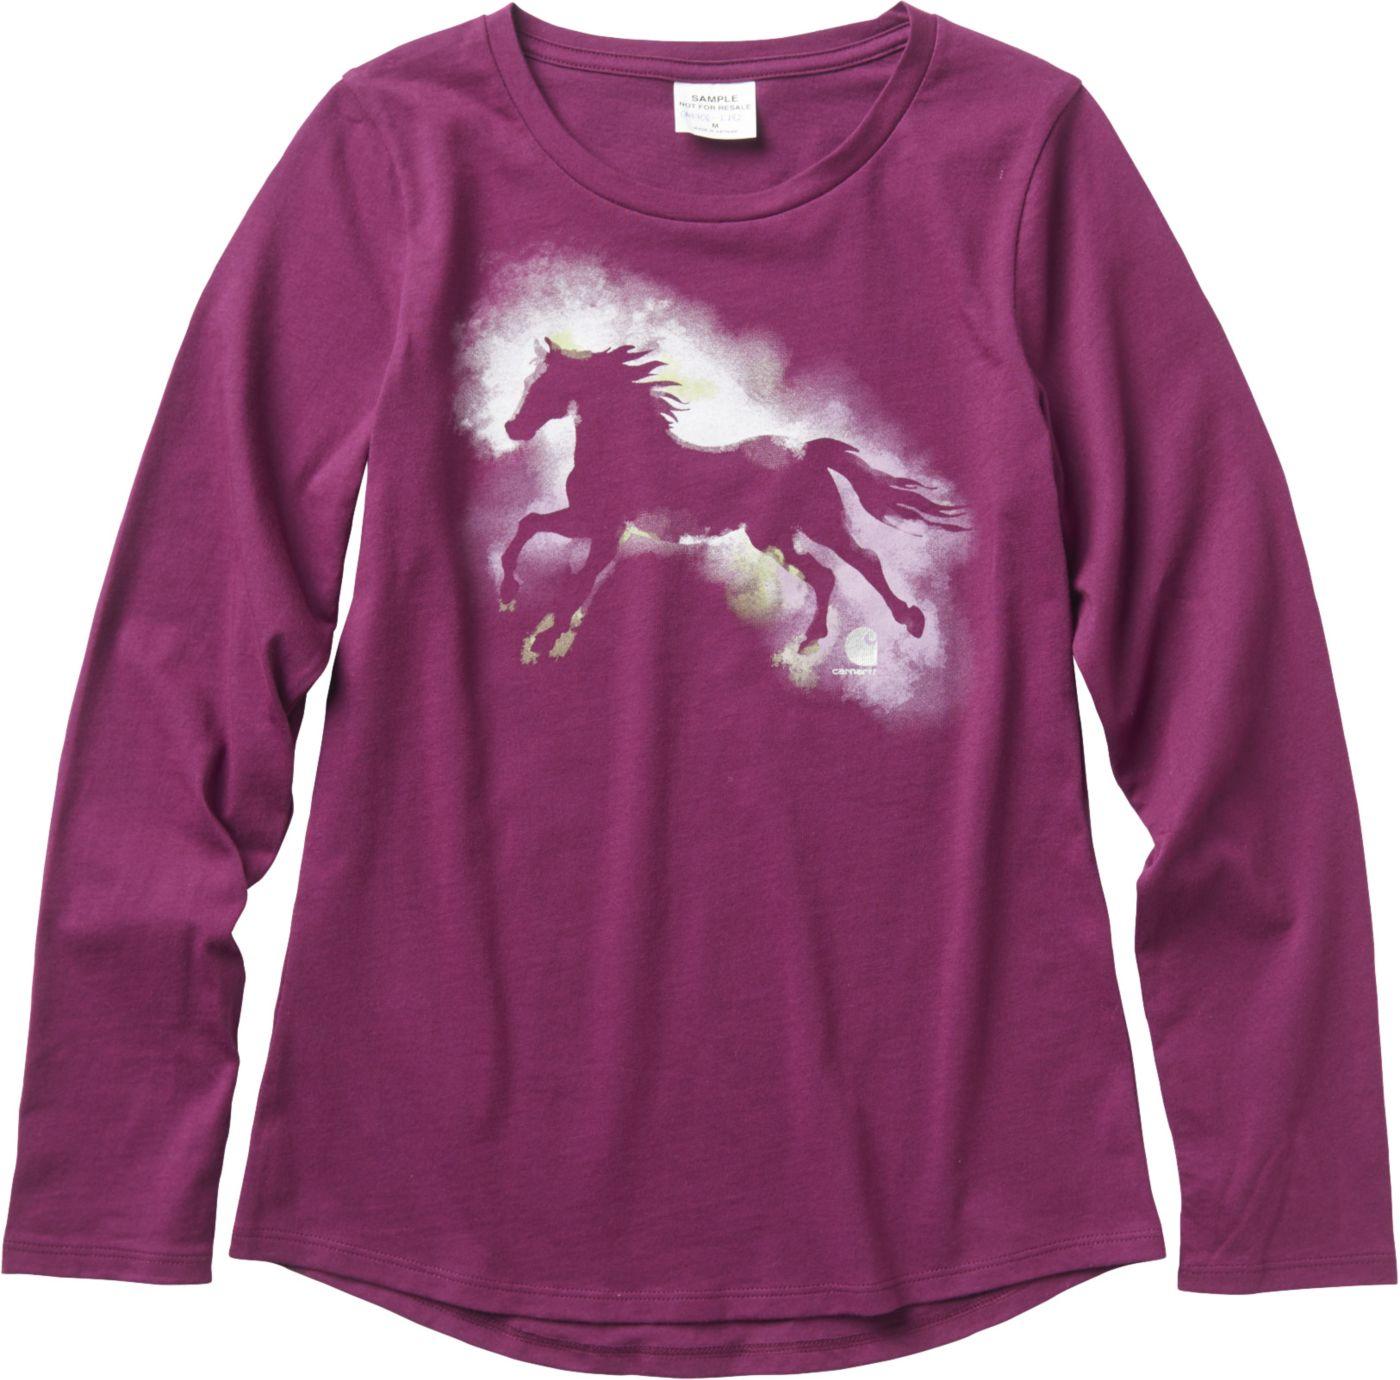 Carhartt Little Girls' Long Sleeve Water-Color Horse T-Shirt